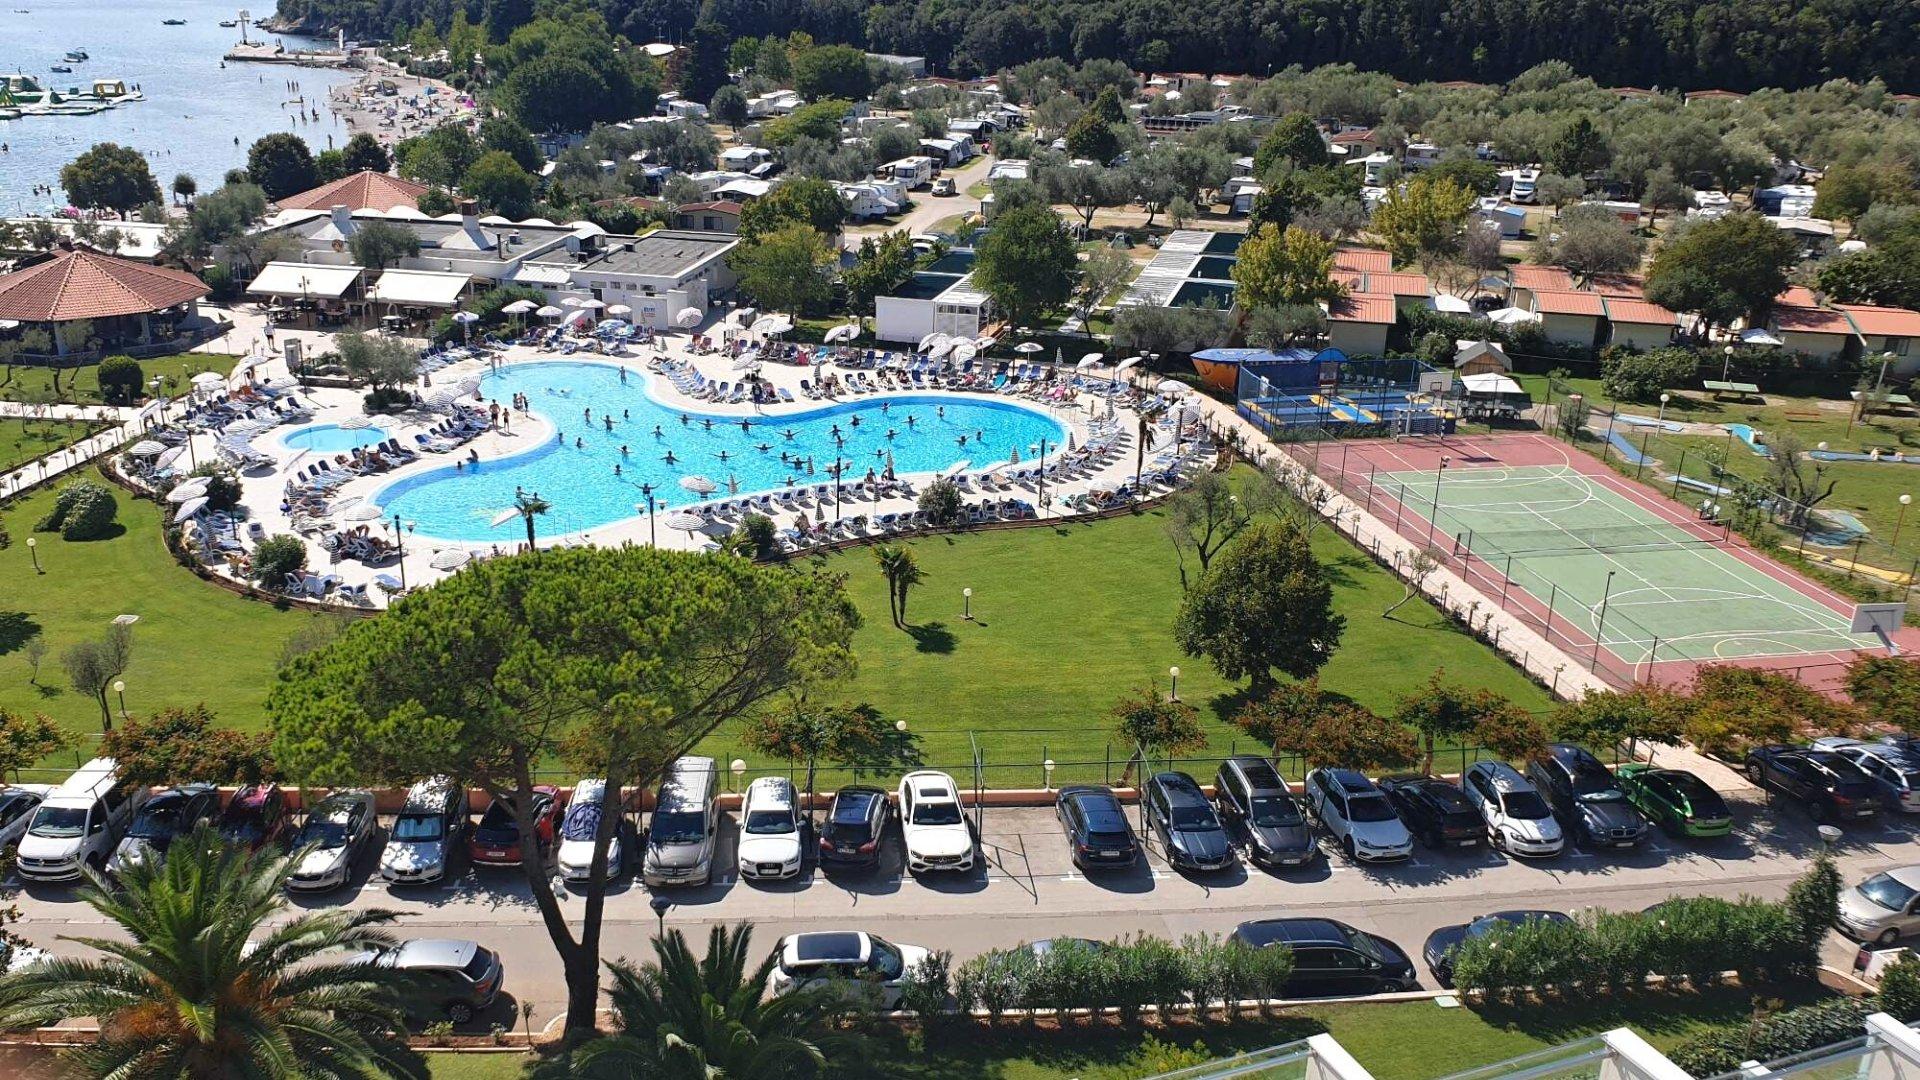 Ubytování na Istrii – Detailní průvodce, osobní zkušenosti